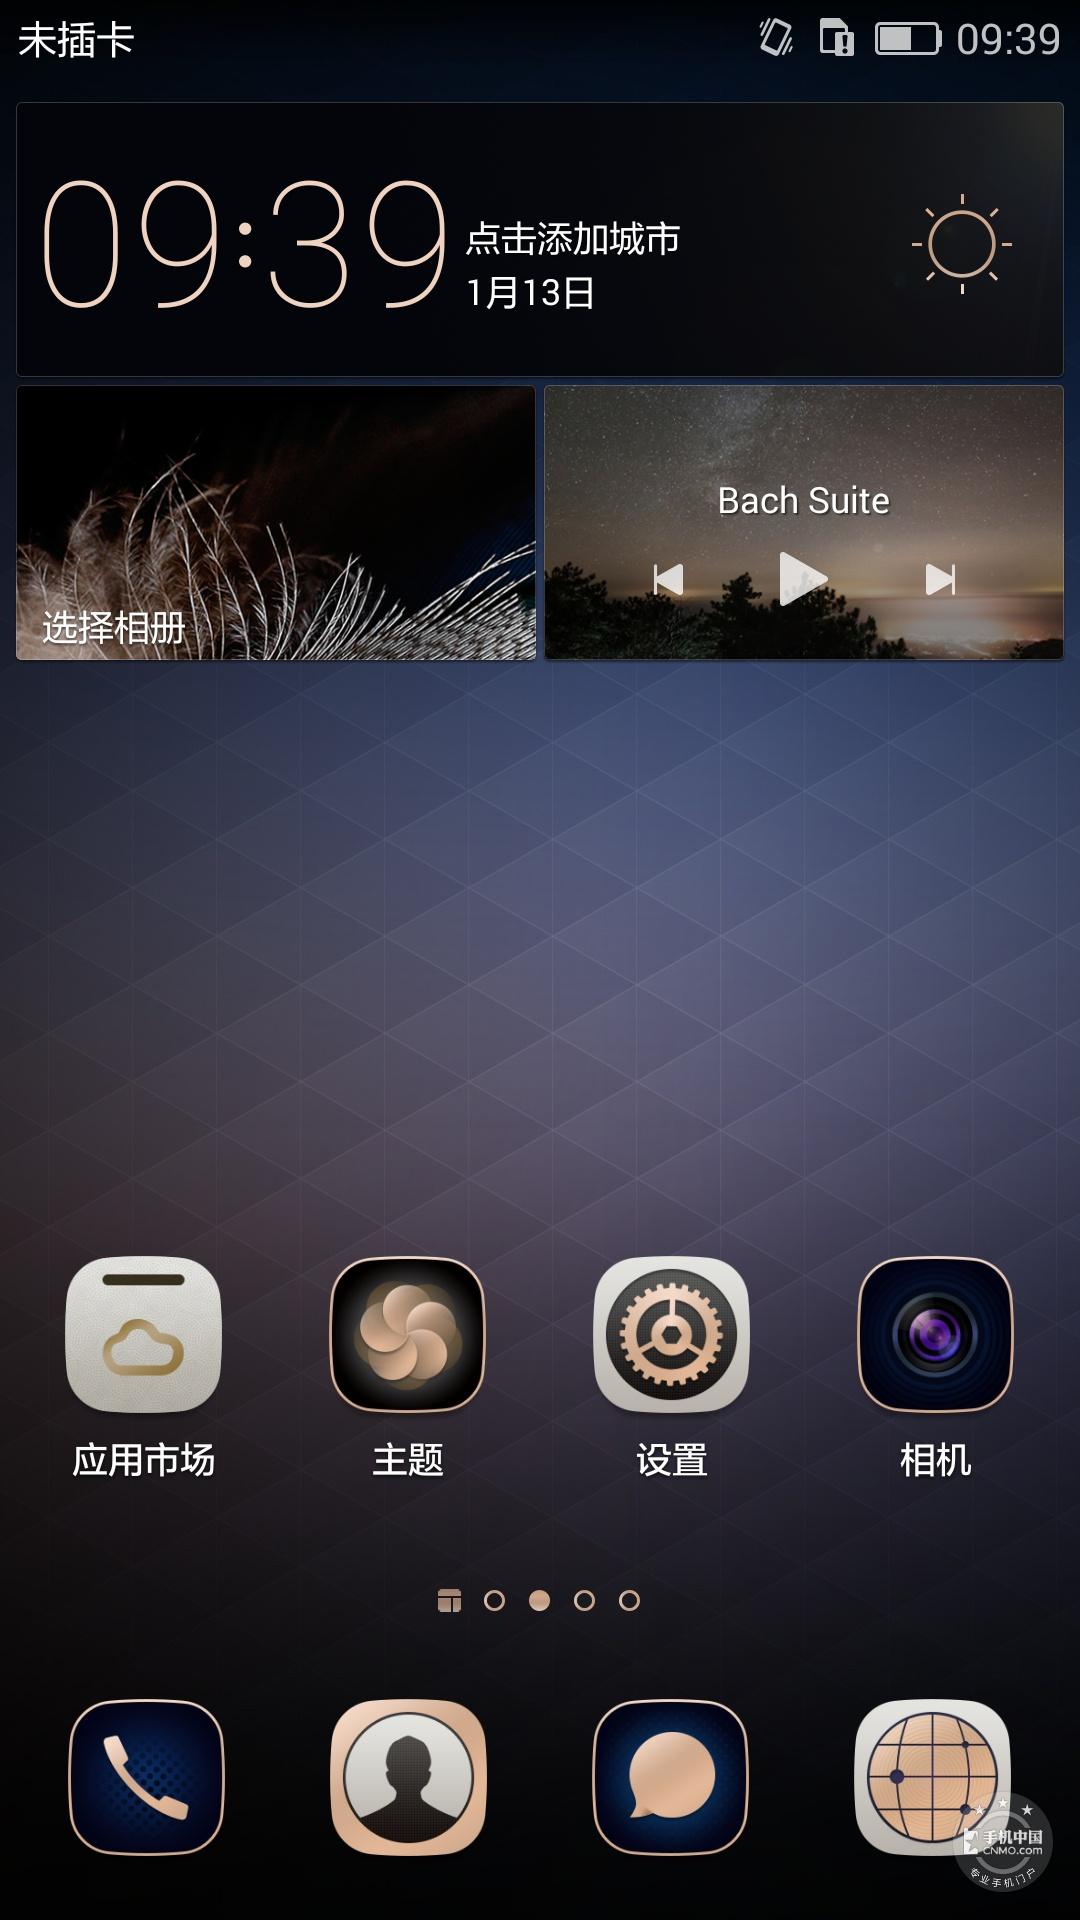 华为P8(双4G高配版)手机功能界面第3张